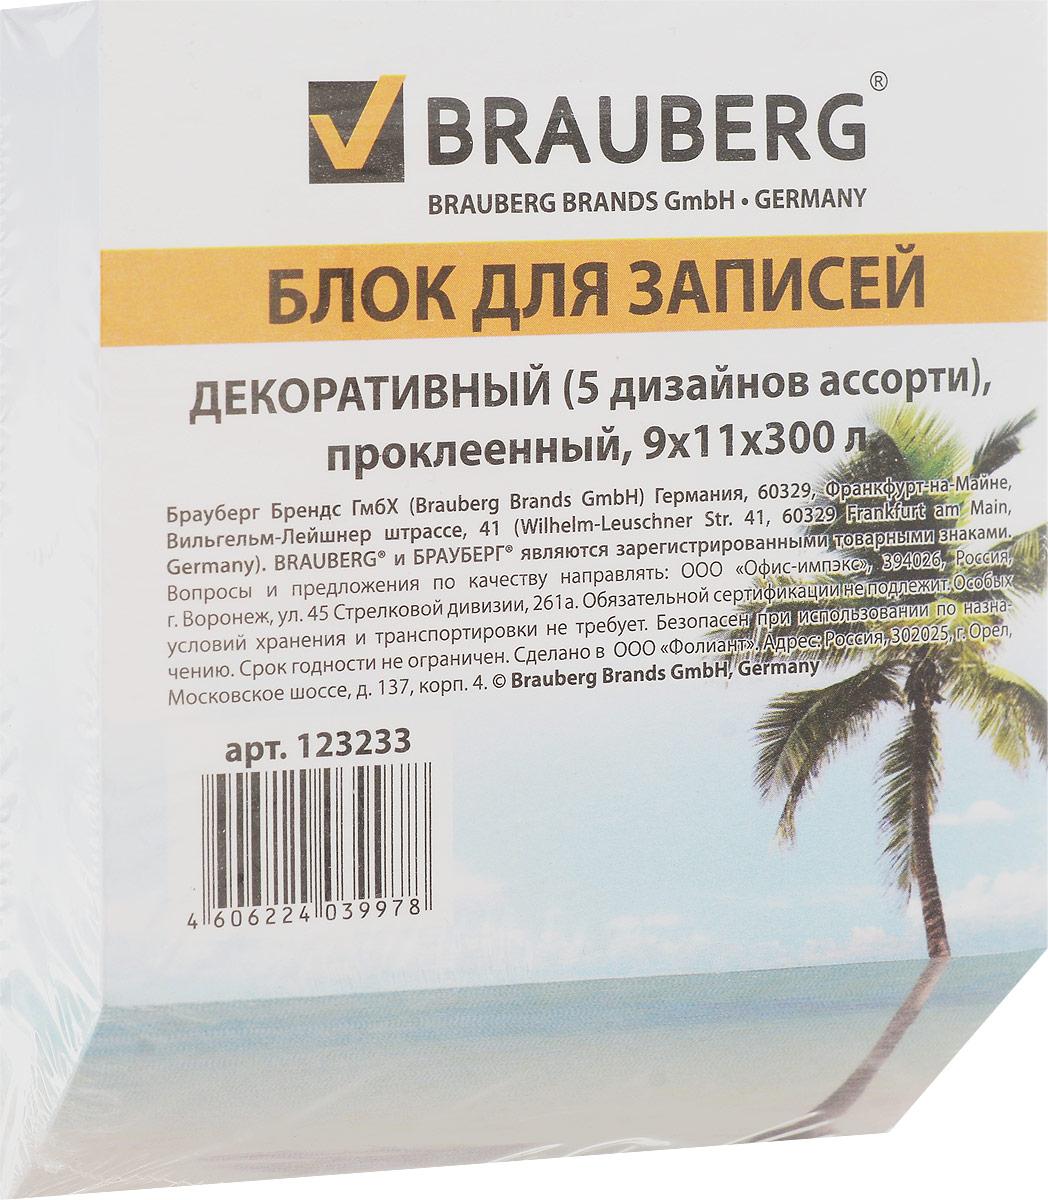 Brauberg Блок для записей Пальма 9 х 11 см 300 листов